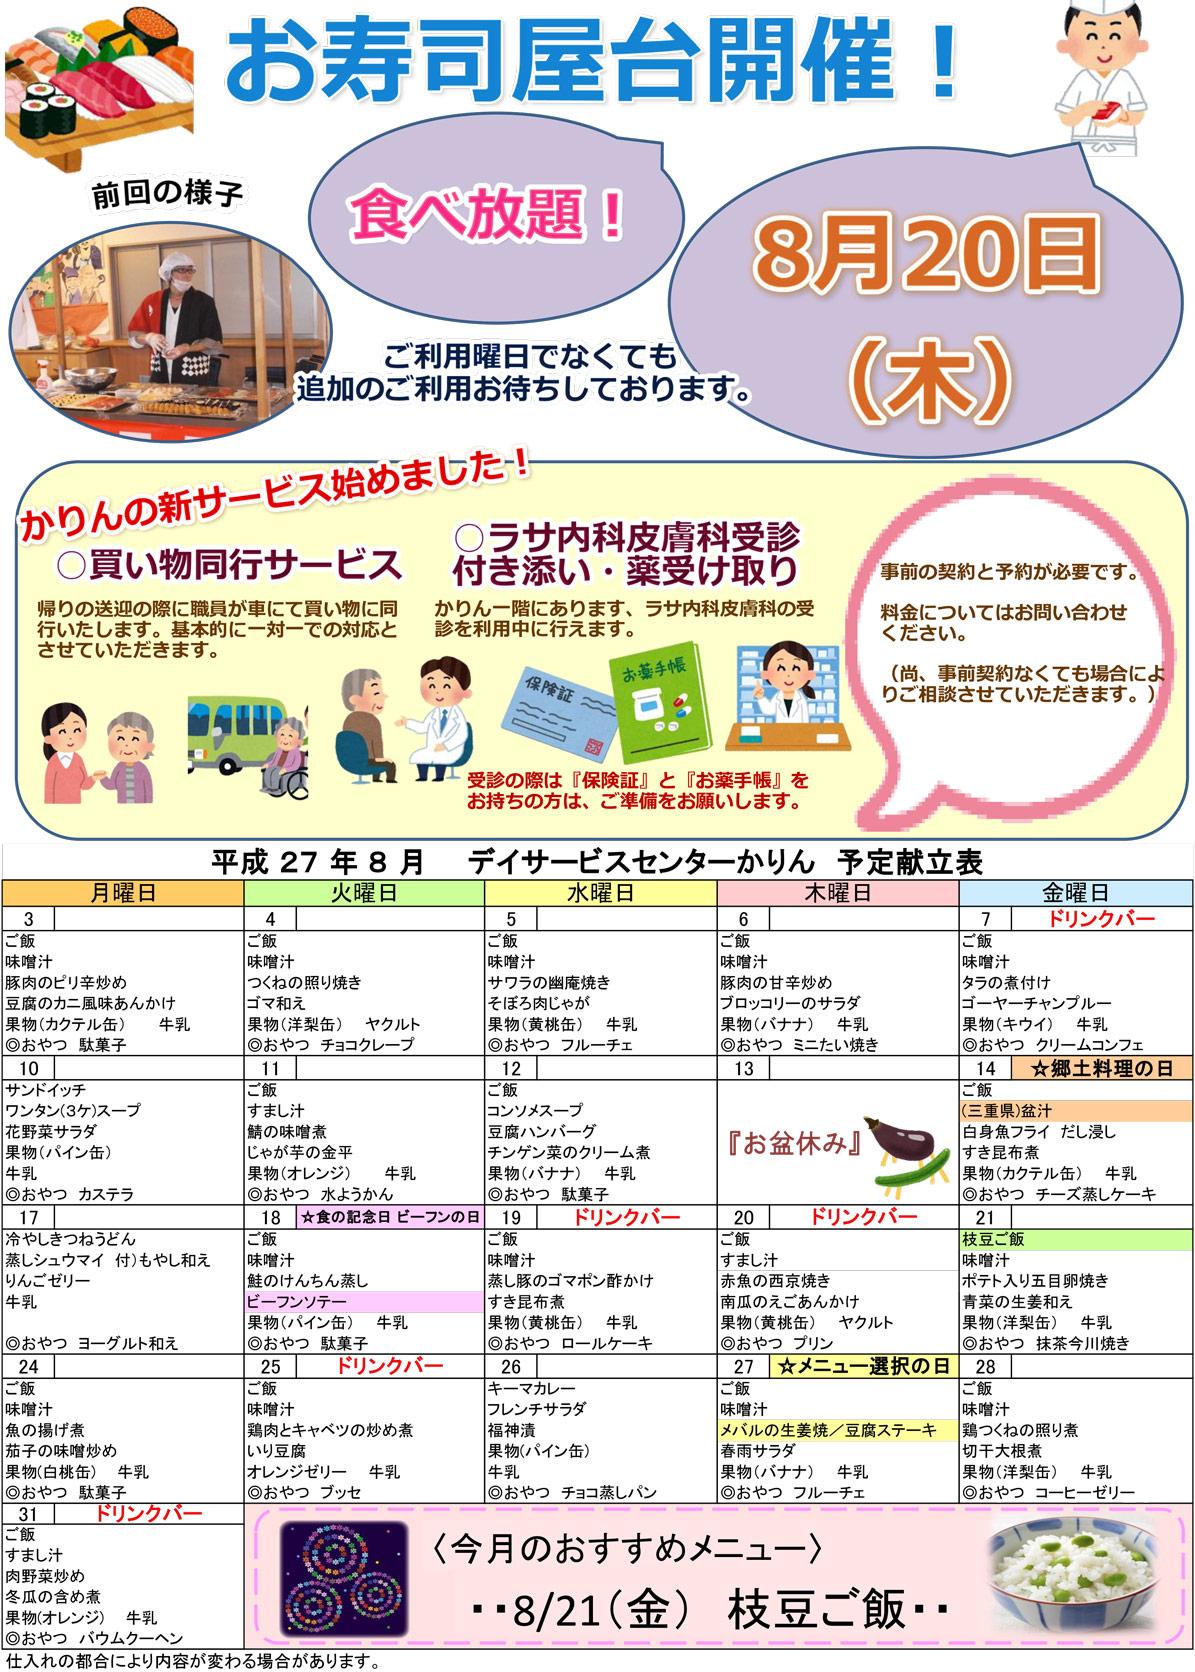 2015年8月かわら版「お寿司屋台開催!」裏